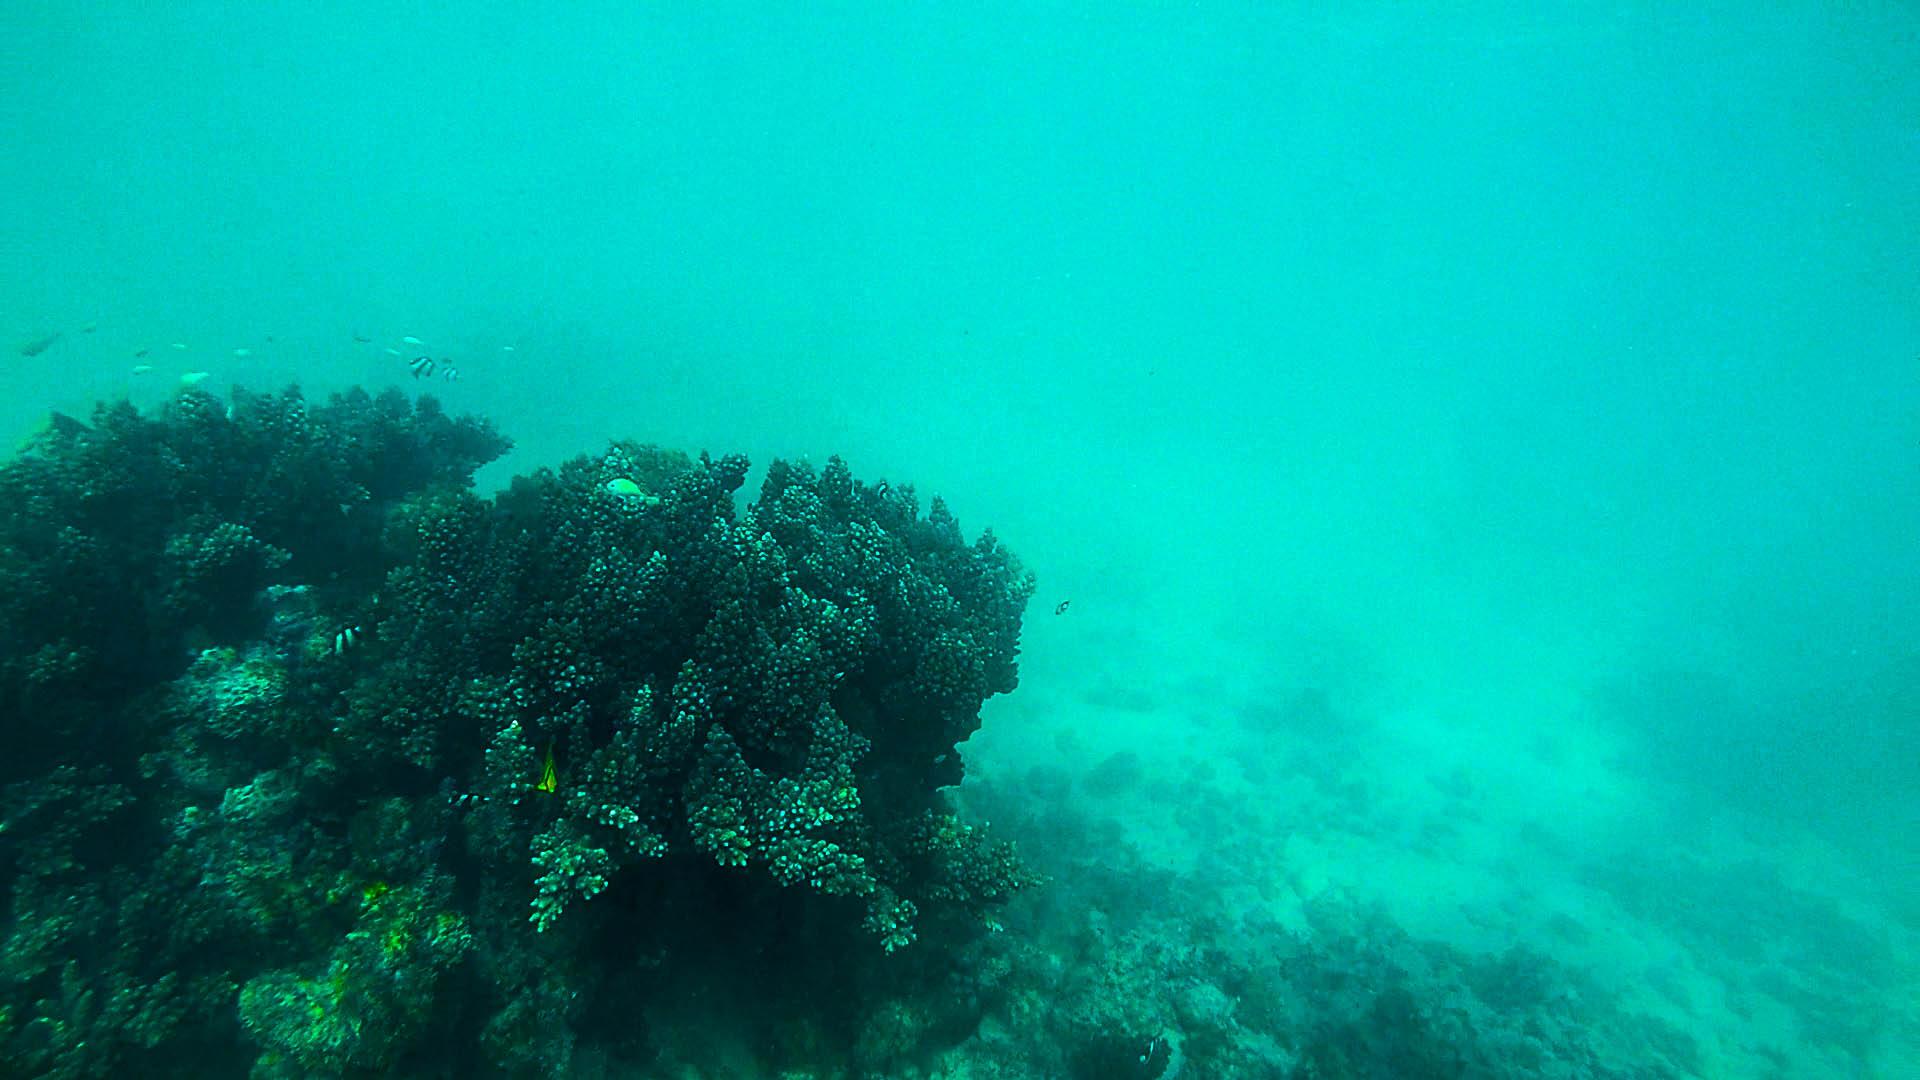 Sicht unter Wasser